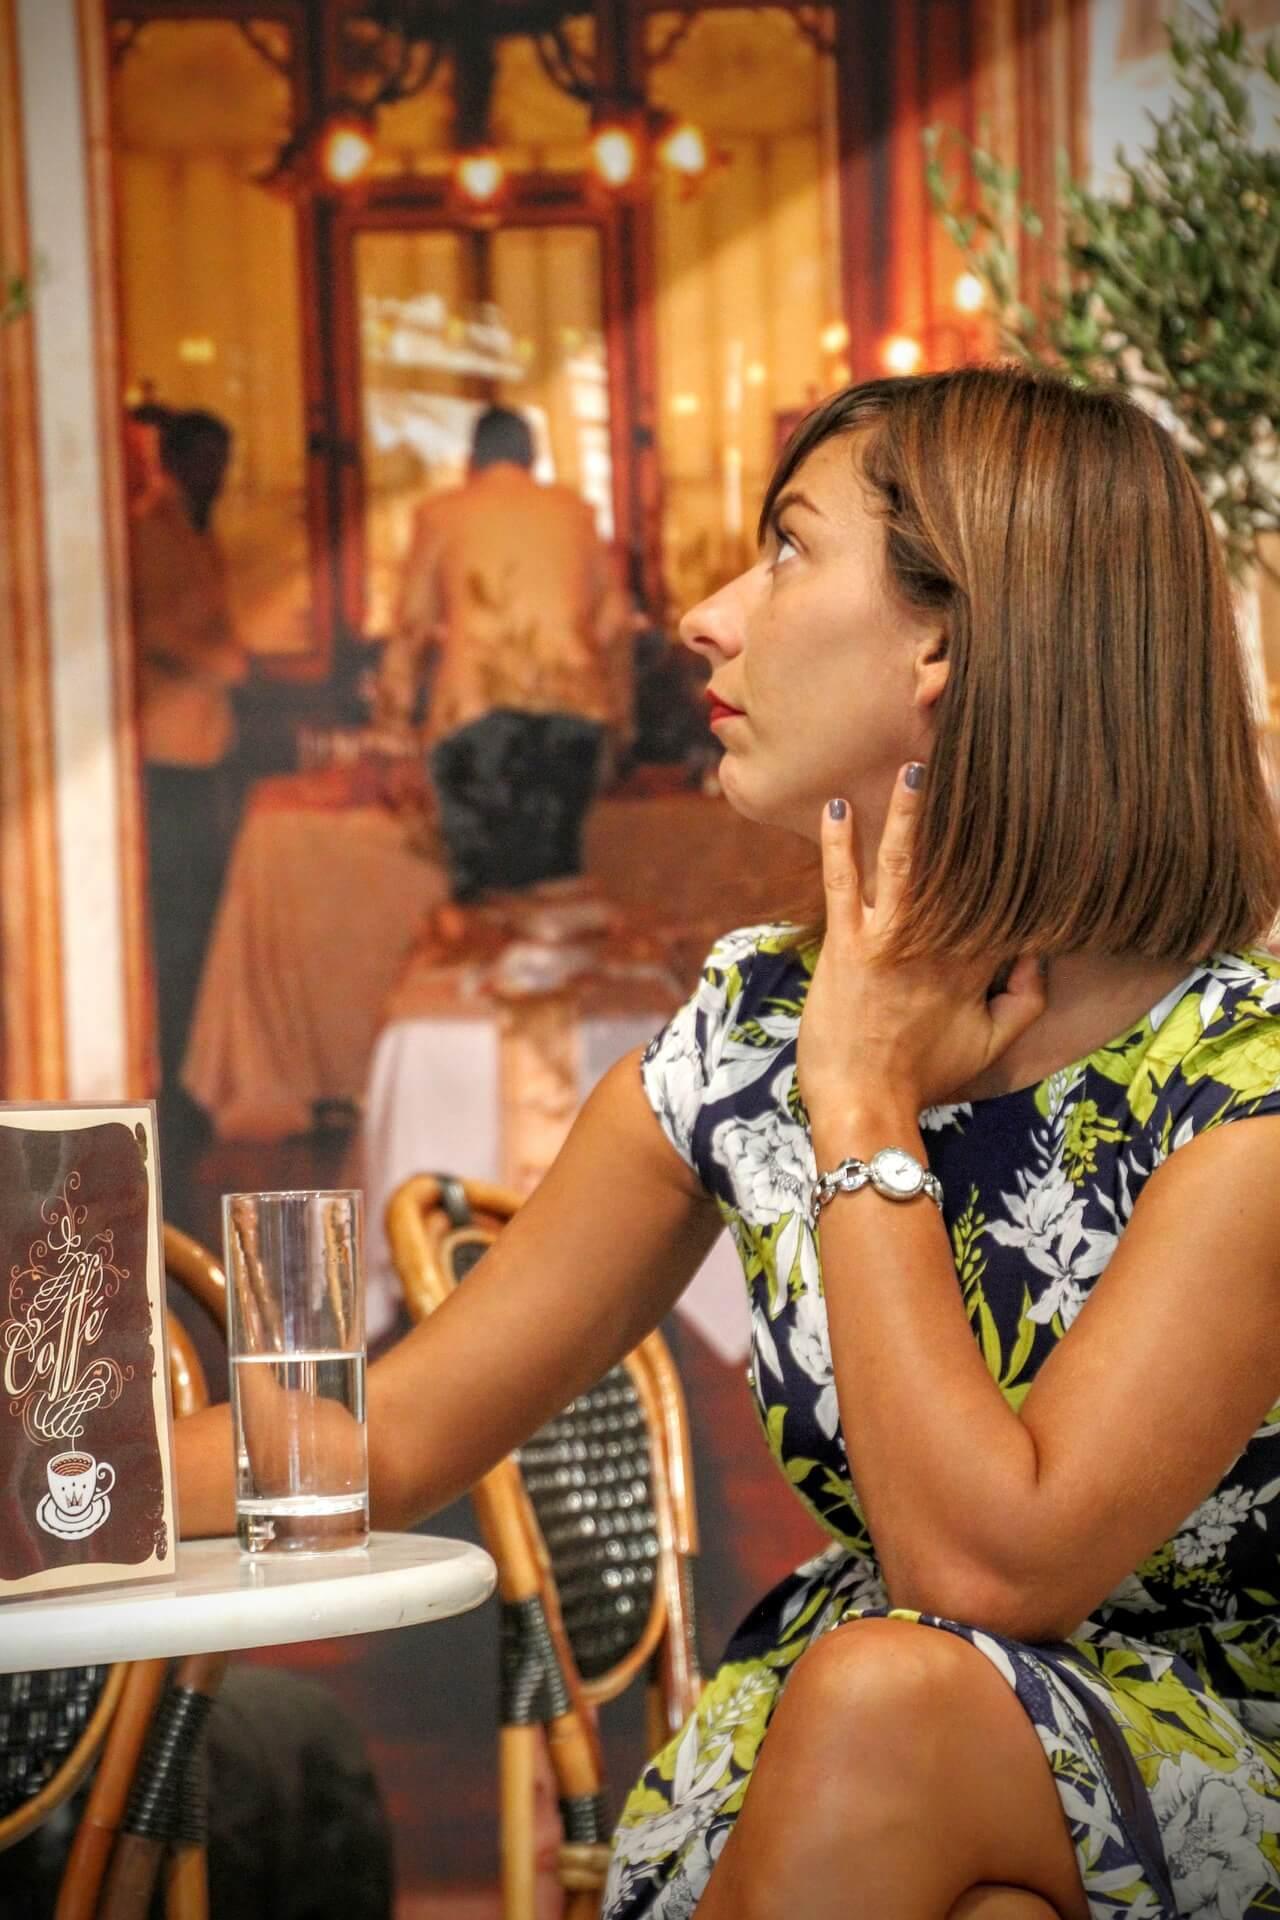 Flirttipps für Frauen - so flirtest du richtig